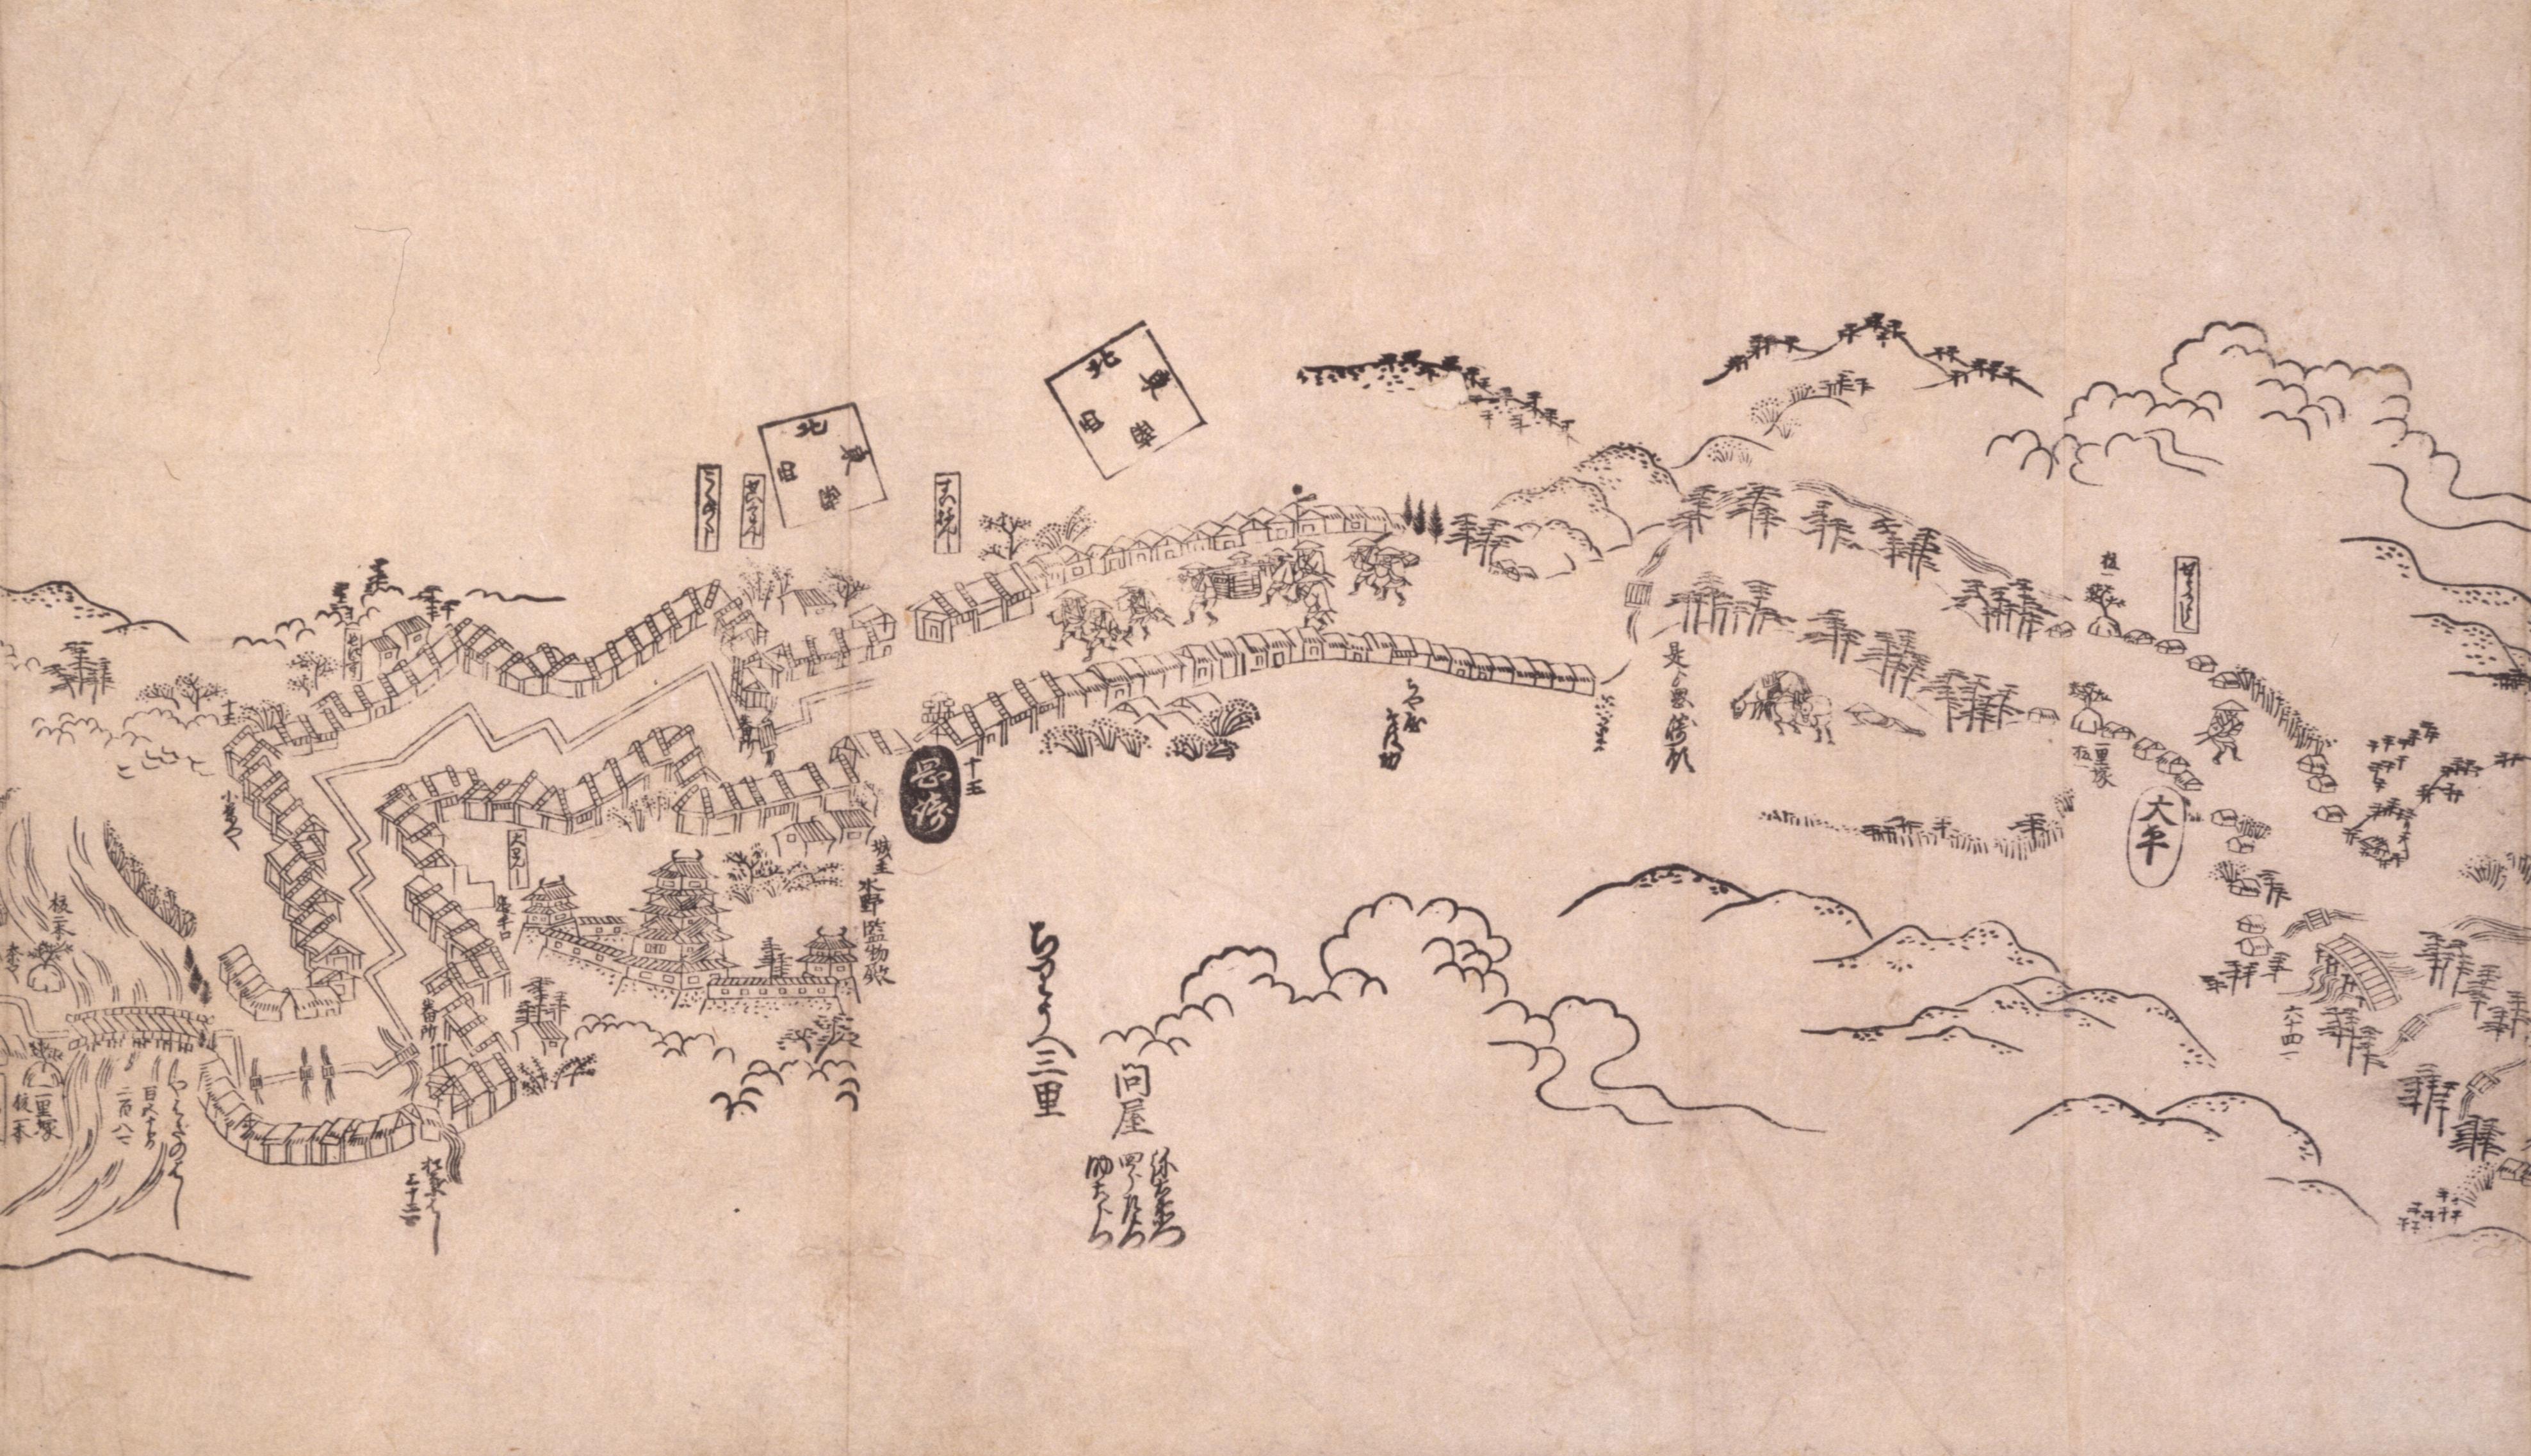 東海道分間之図 五十五